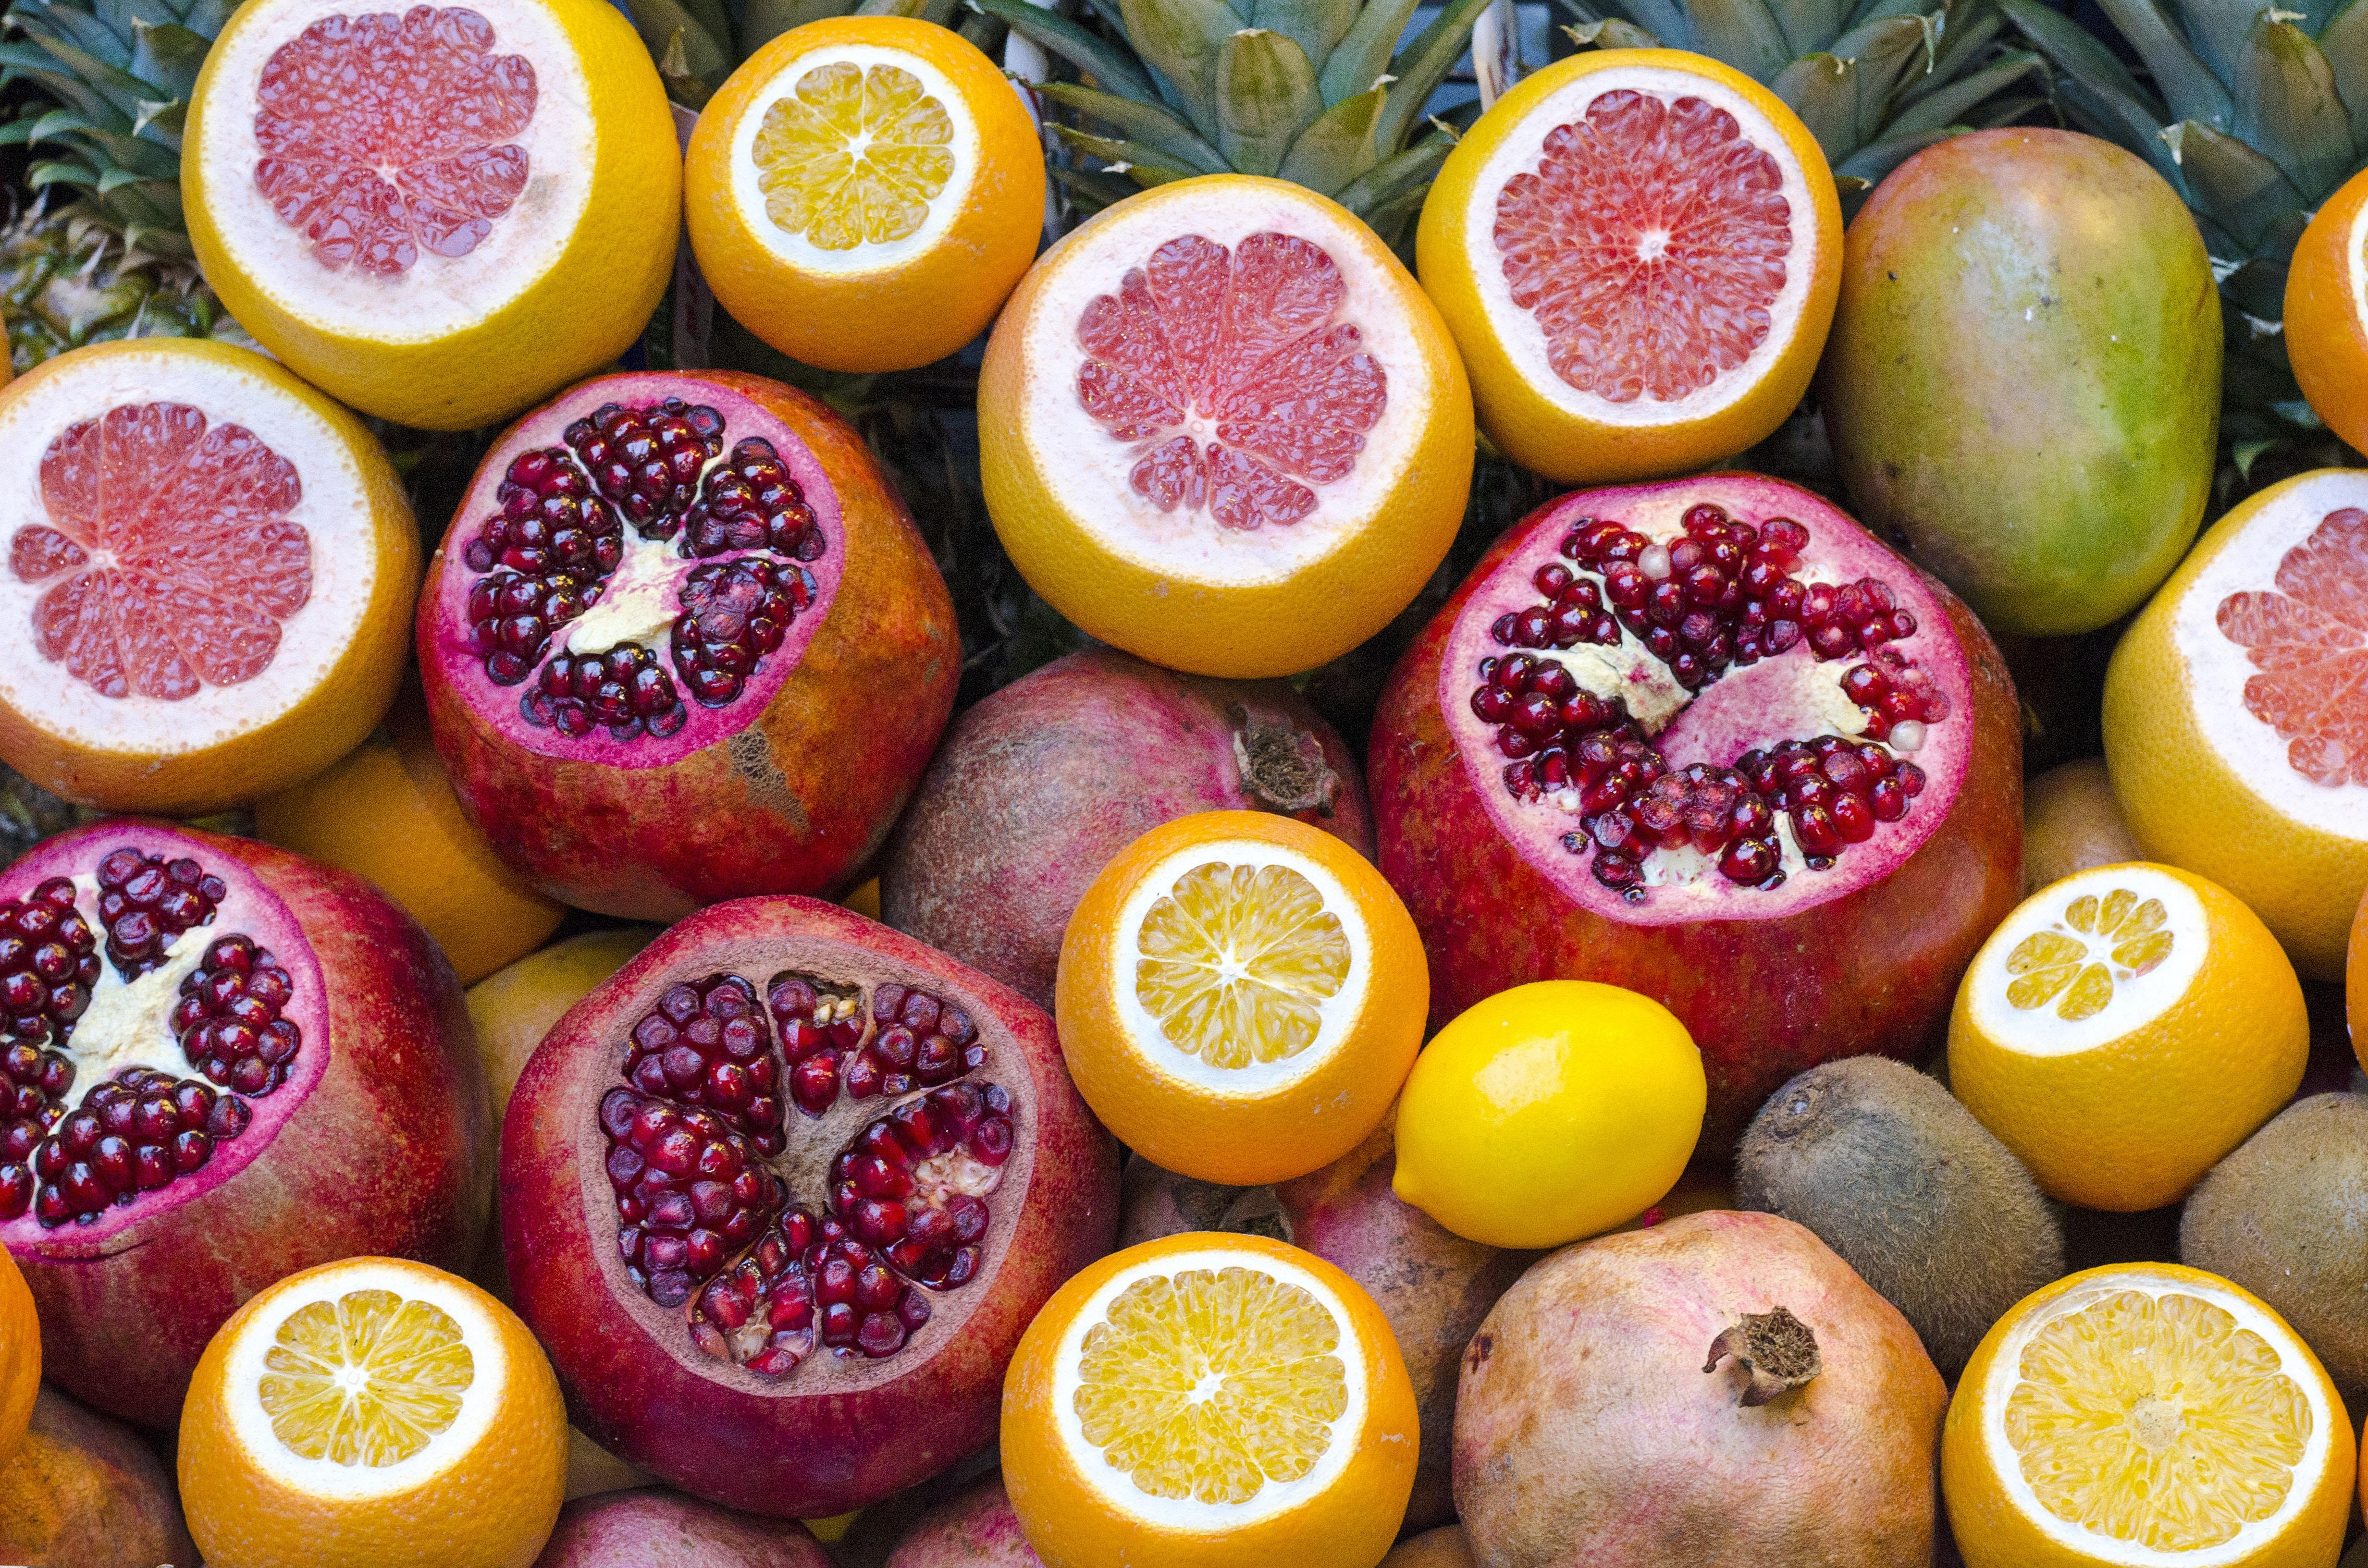 果蔬保鲜剂行业与市场